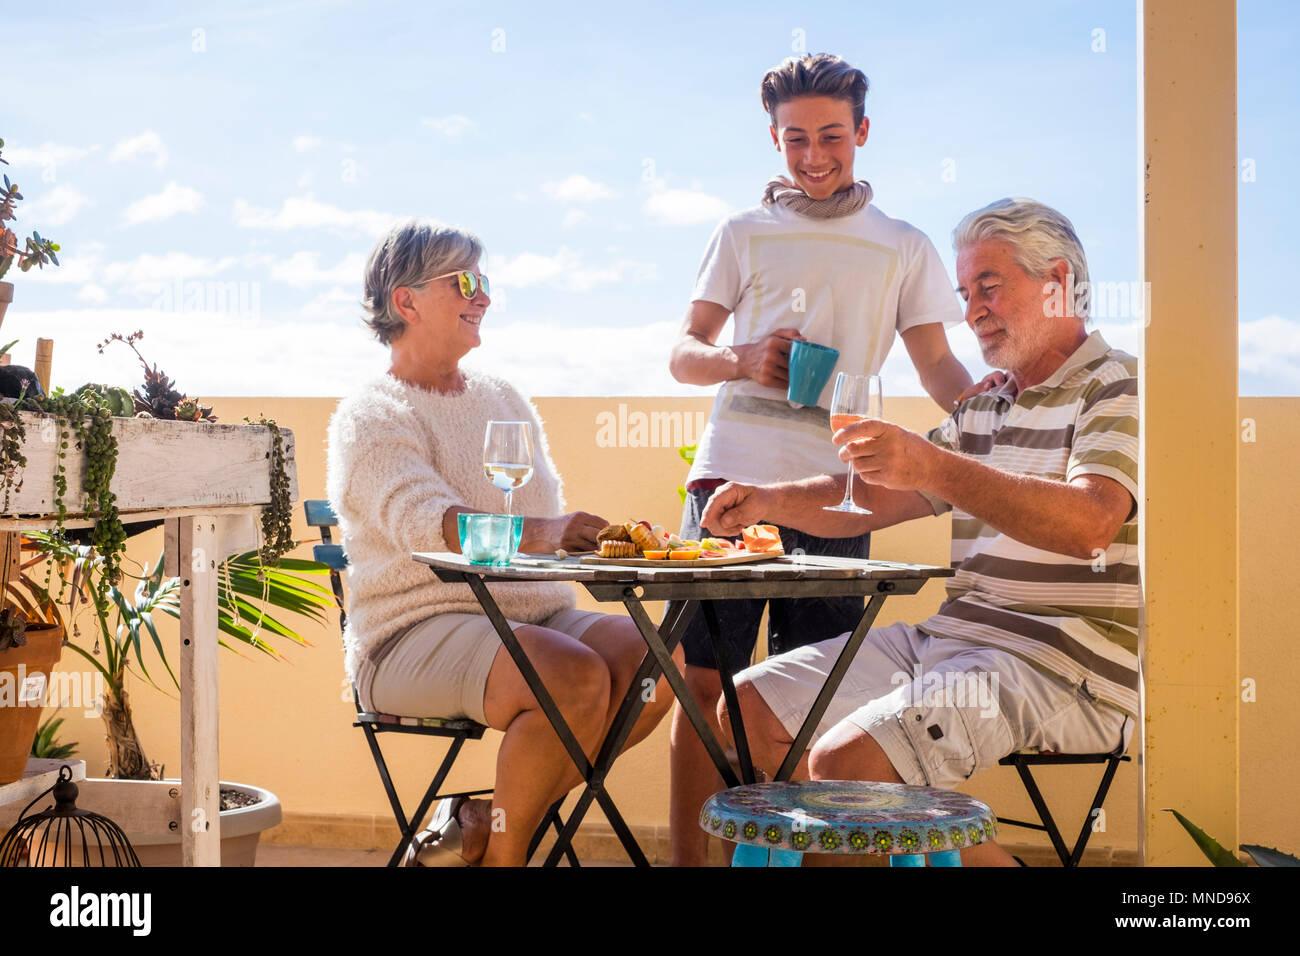 Famiglia di epoche diverse con i nonni e nipote di passare del tempo libero sulla terrazza di mangiare e bere sulla terrazza esterna in estate Immagini Stock